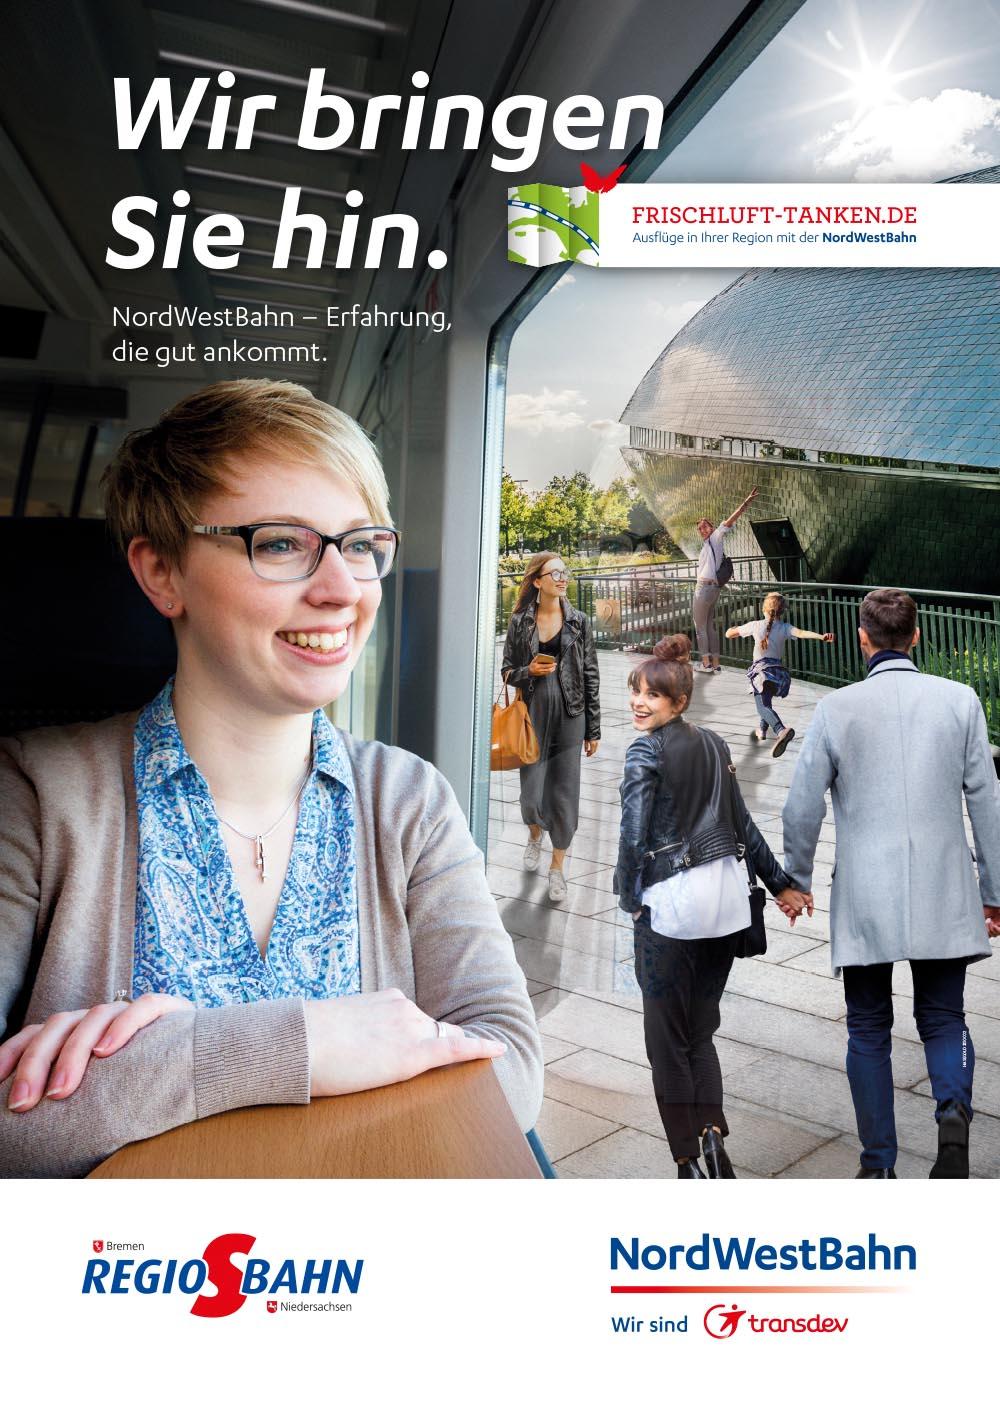 Plaktgestaltung mit Bildbearbeitung von der Osnabrücker Grafikdesign-Agentur Hasegold